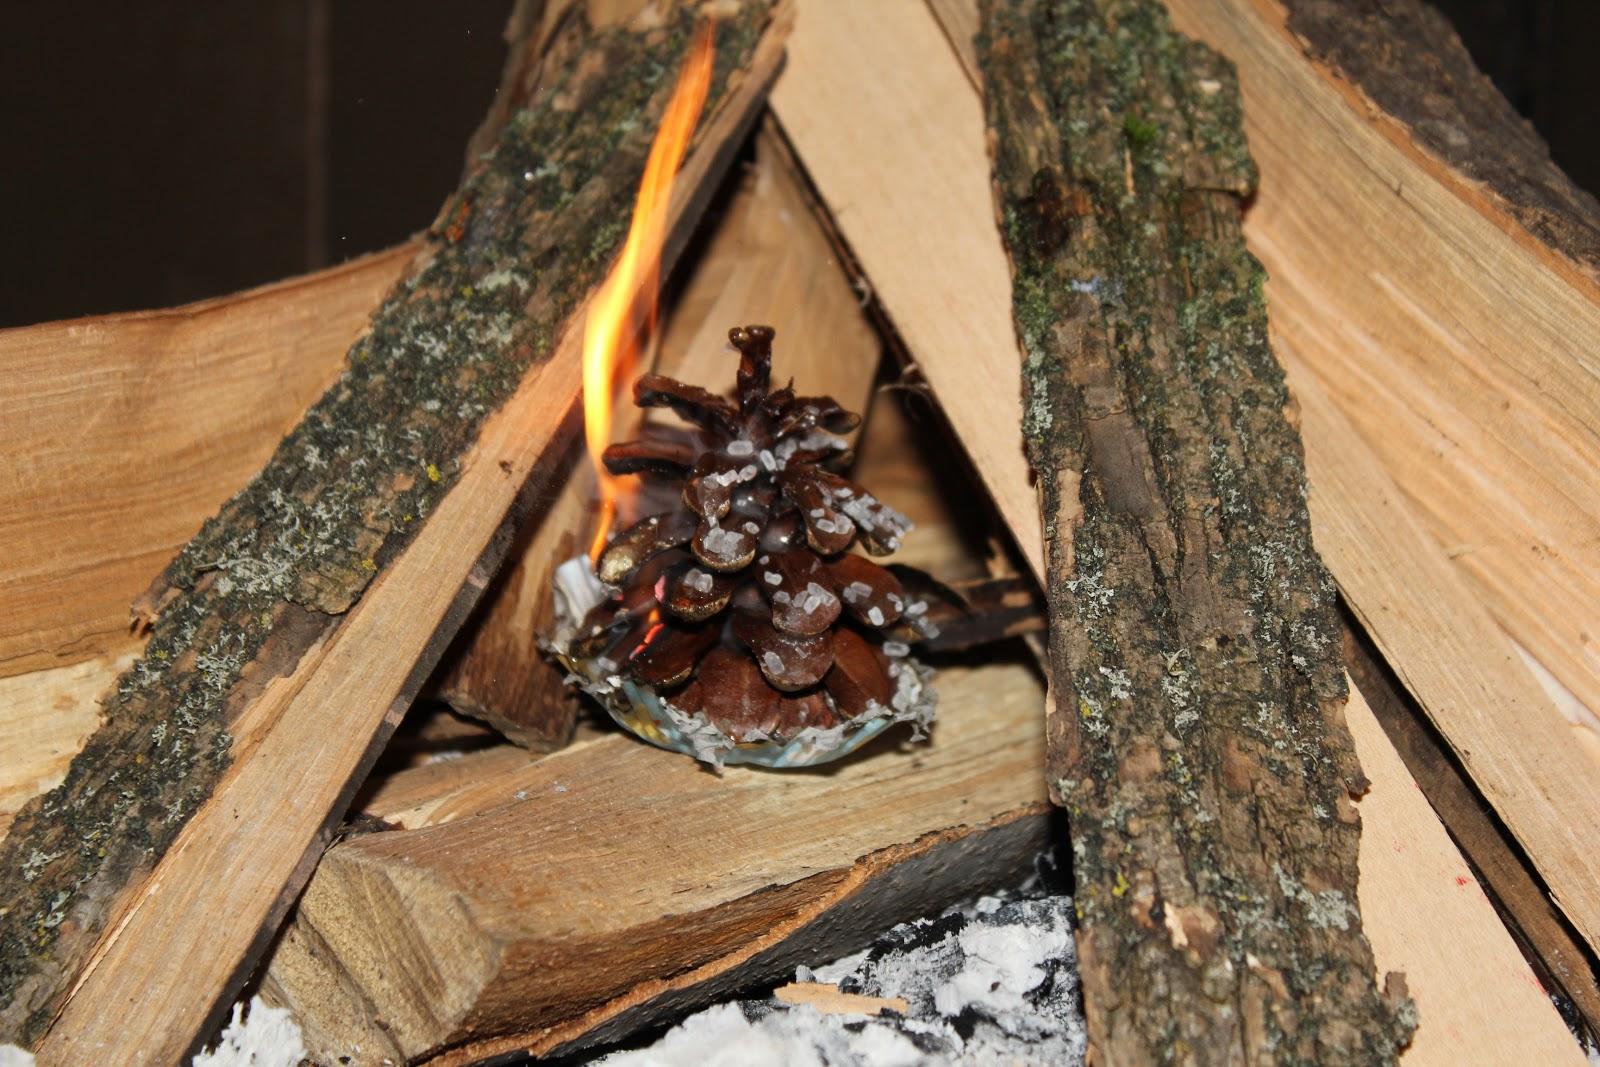 Campfire Cone Craft Show